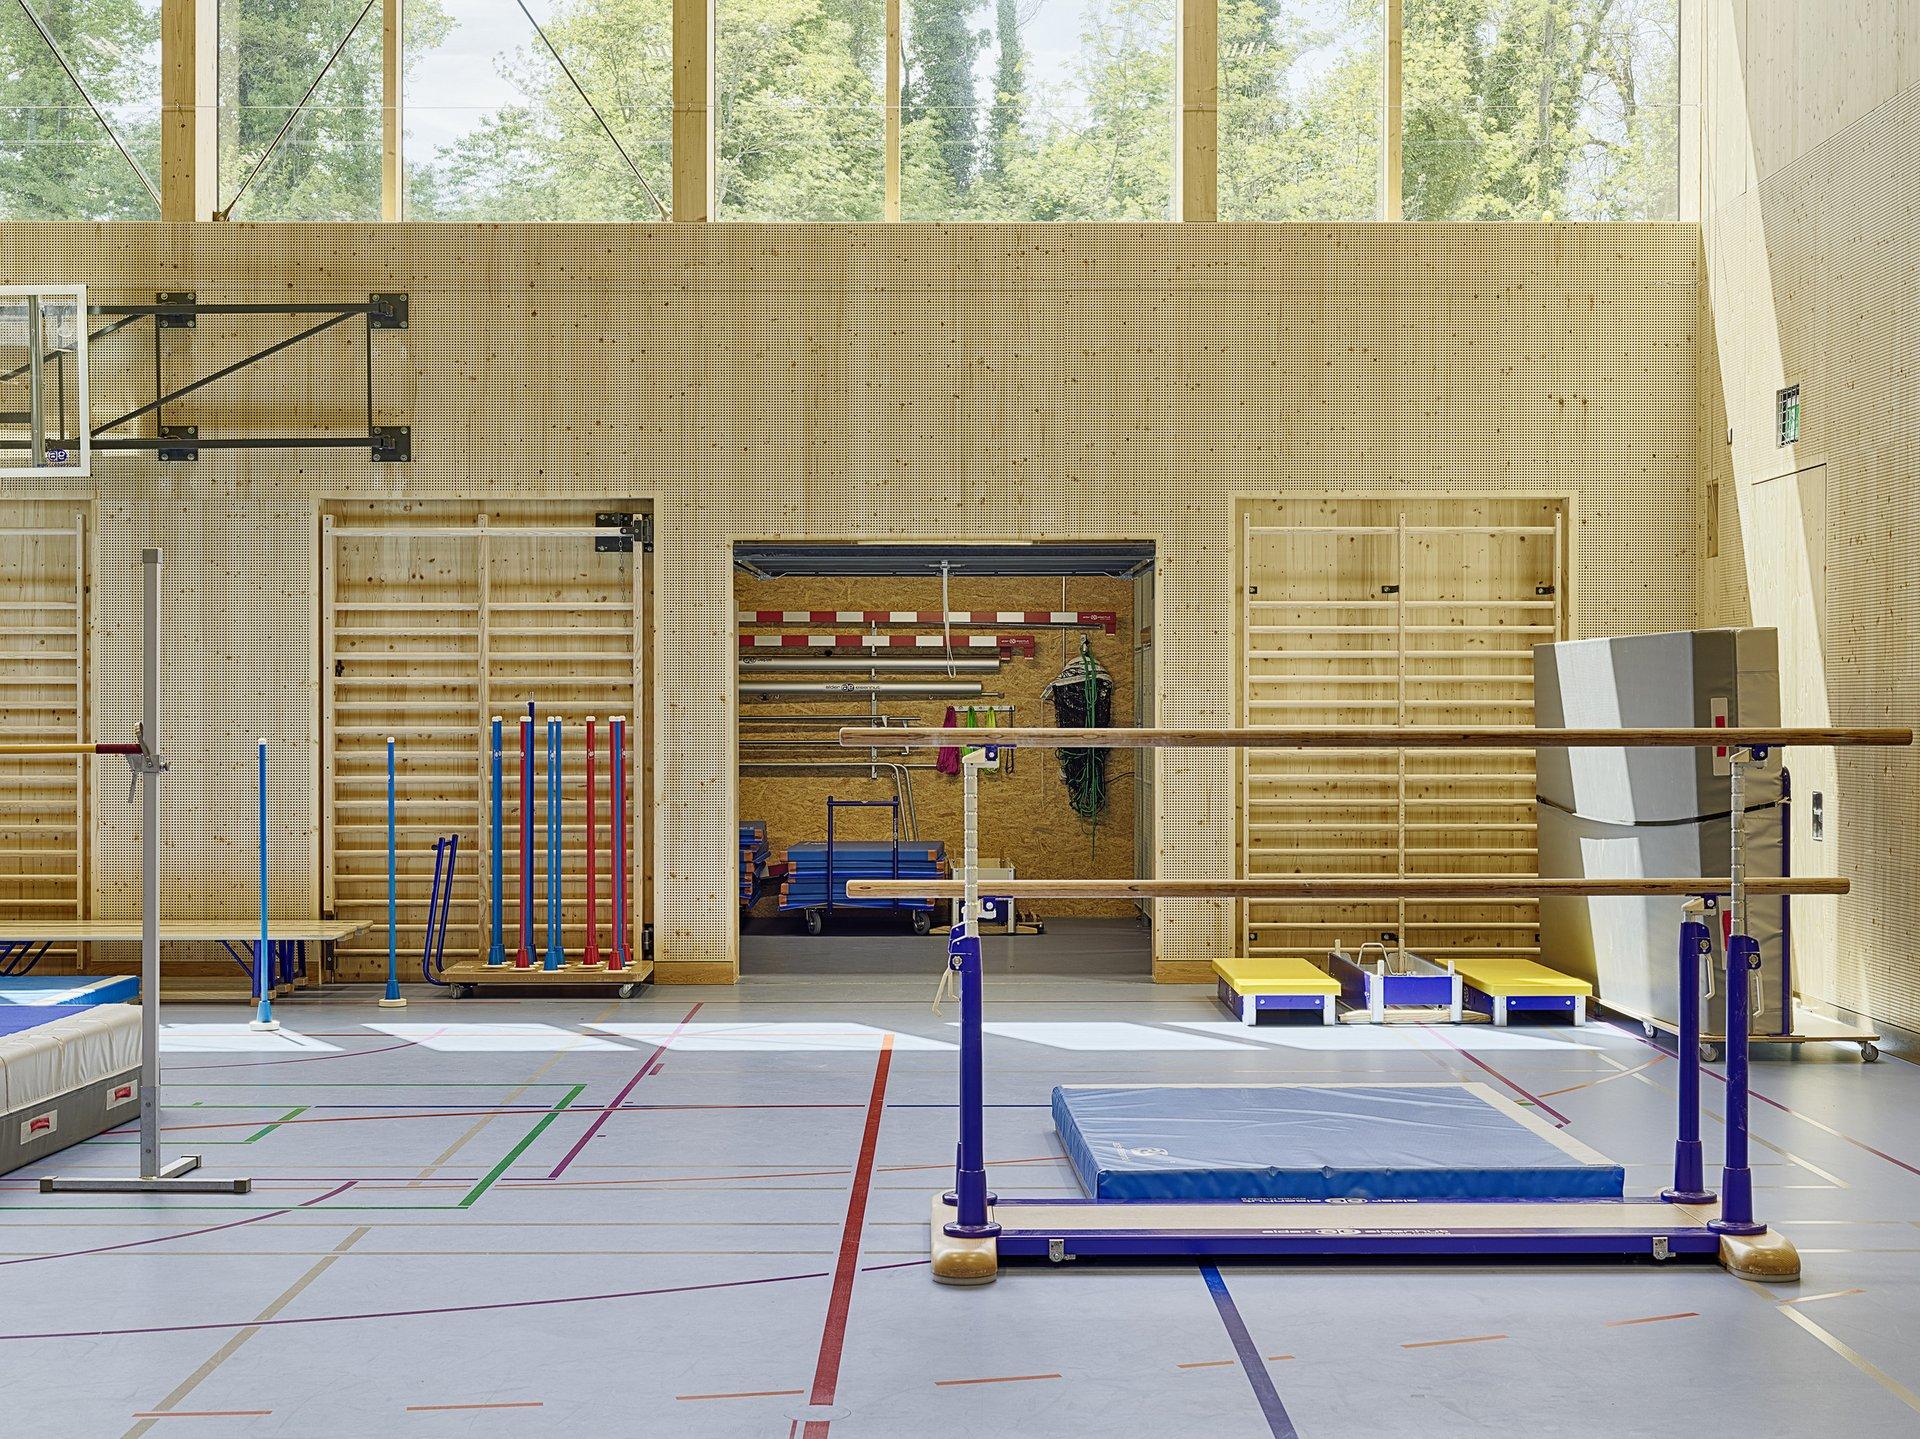 Sporthalle mit aufgebauten Geräten und Geräteraum im Hintergrund